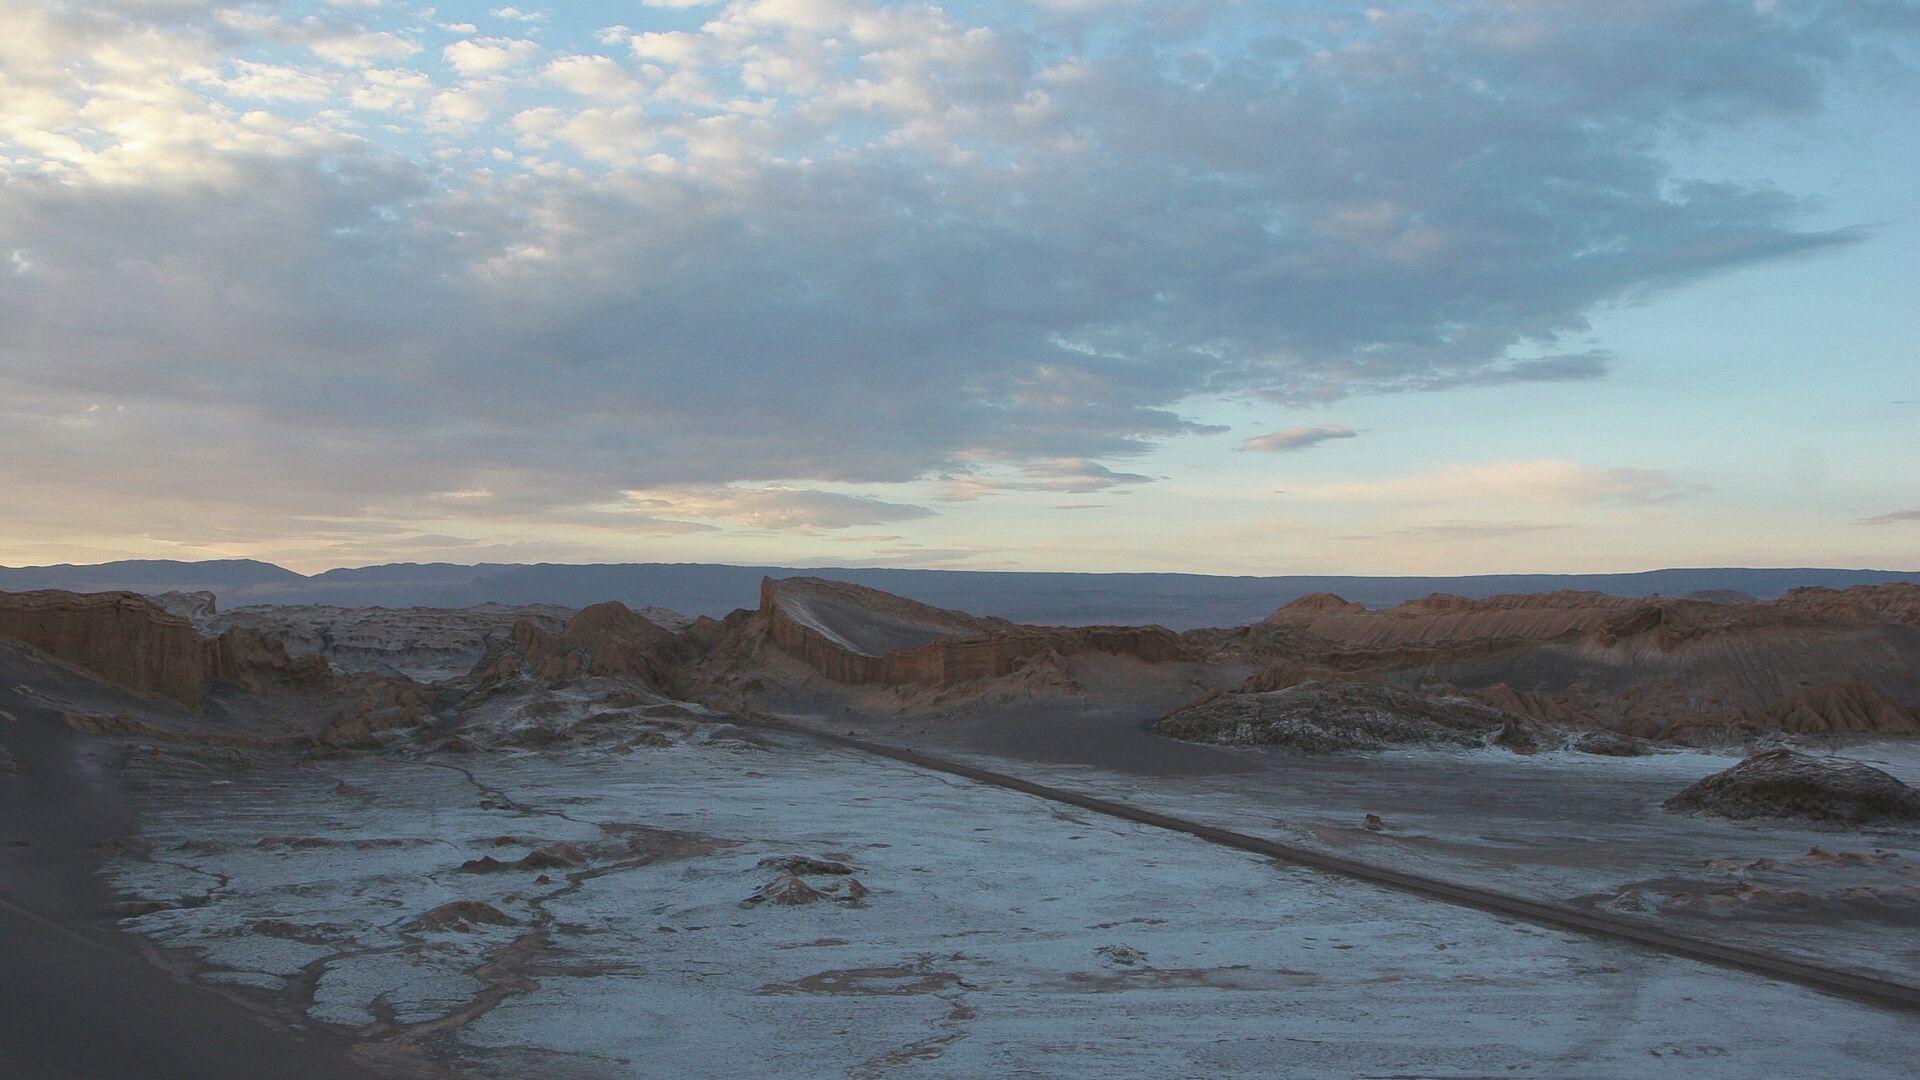 Desierto de Atacama en Chile - Sputnik Mundo, 1920, 01.09.2021